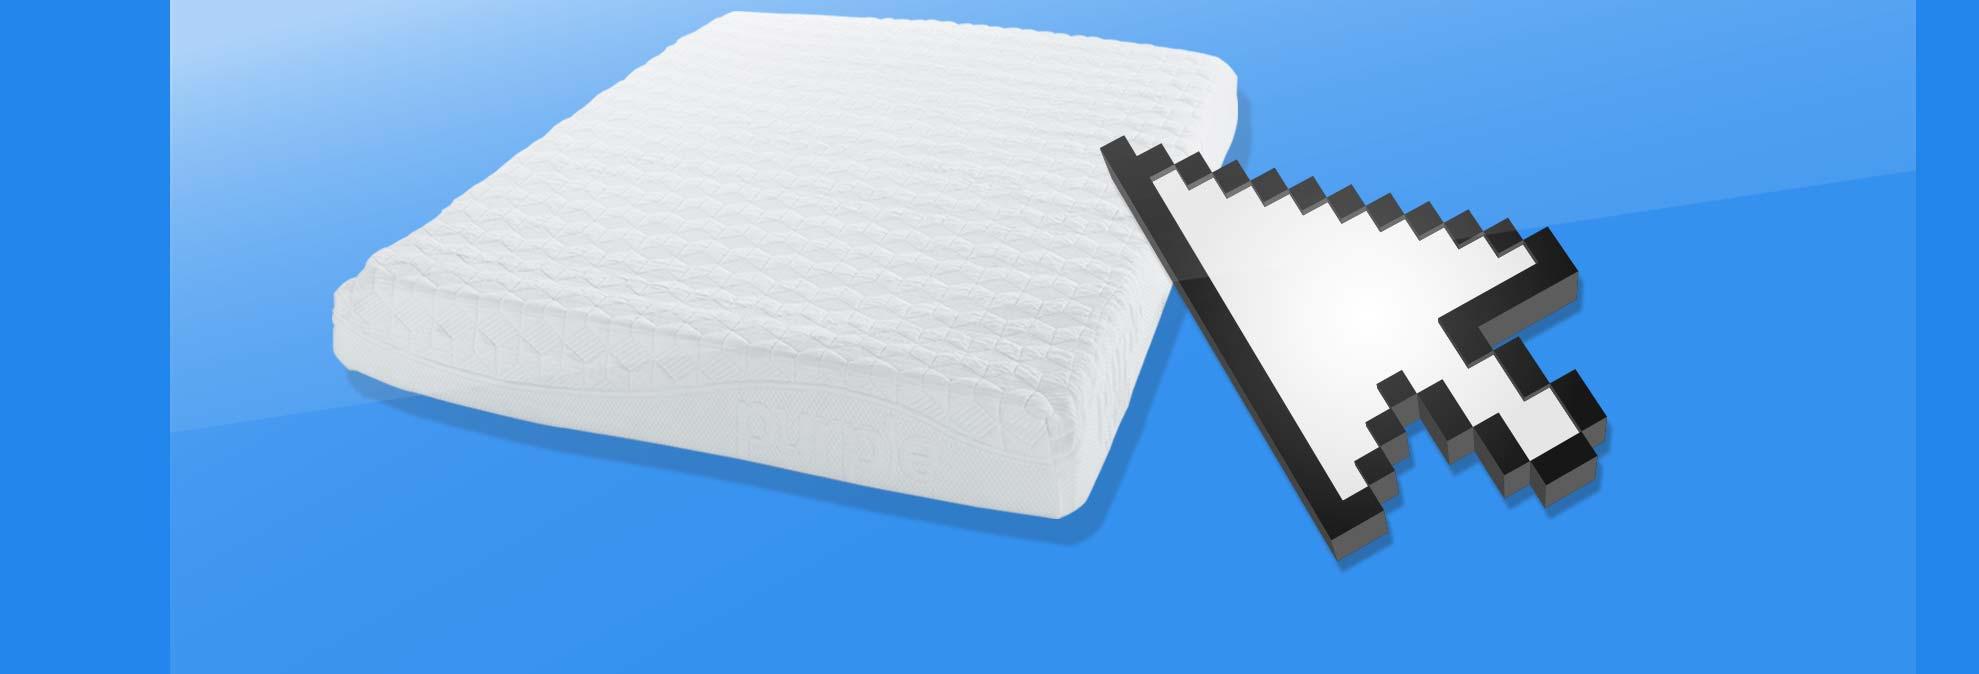 online mattress deals for cyber monday